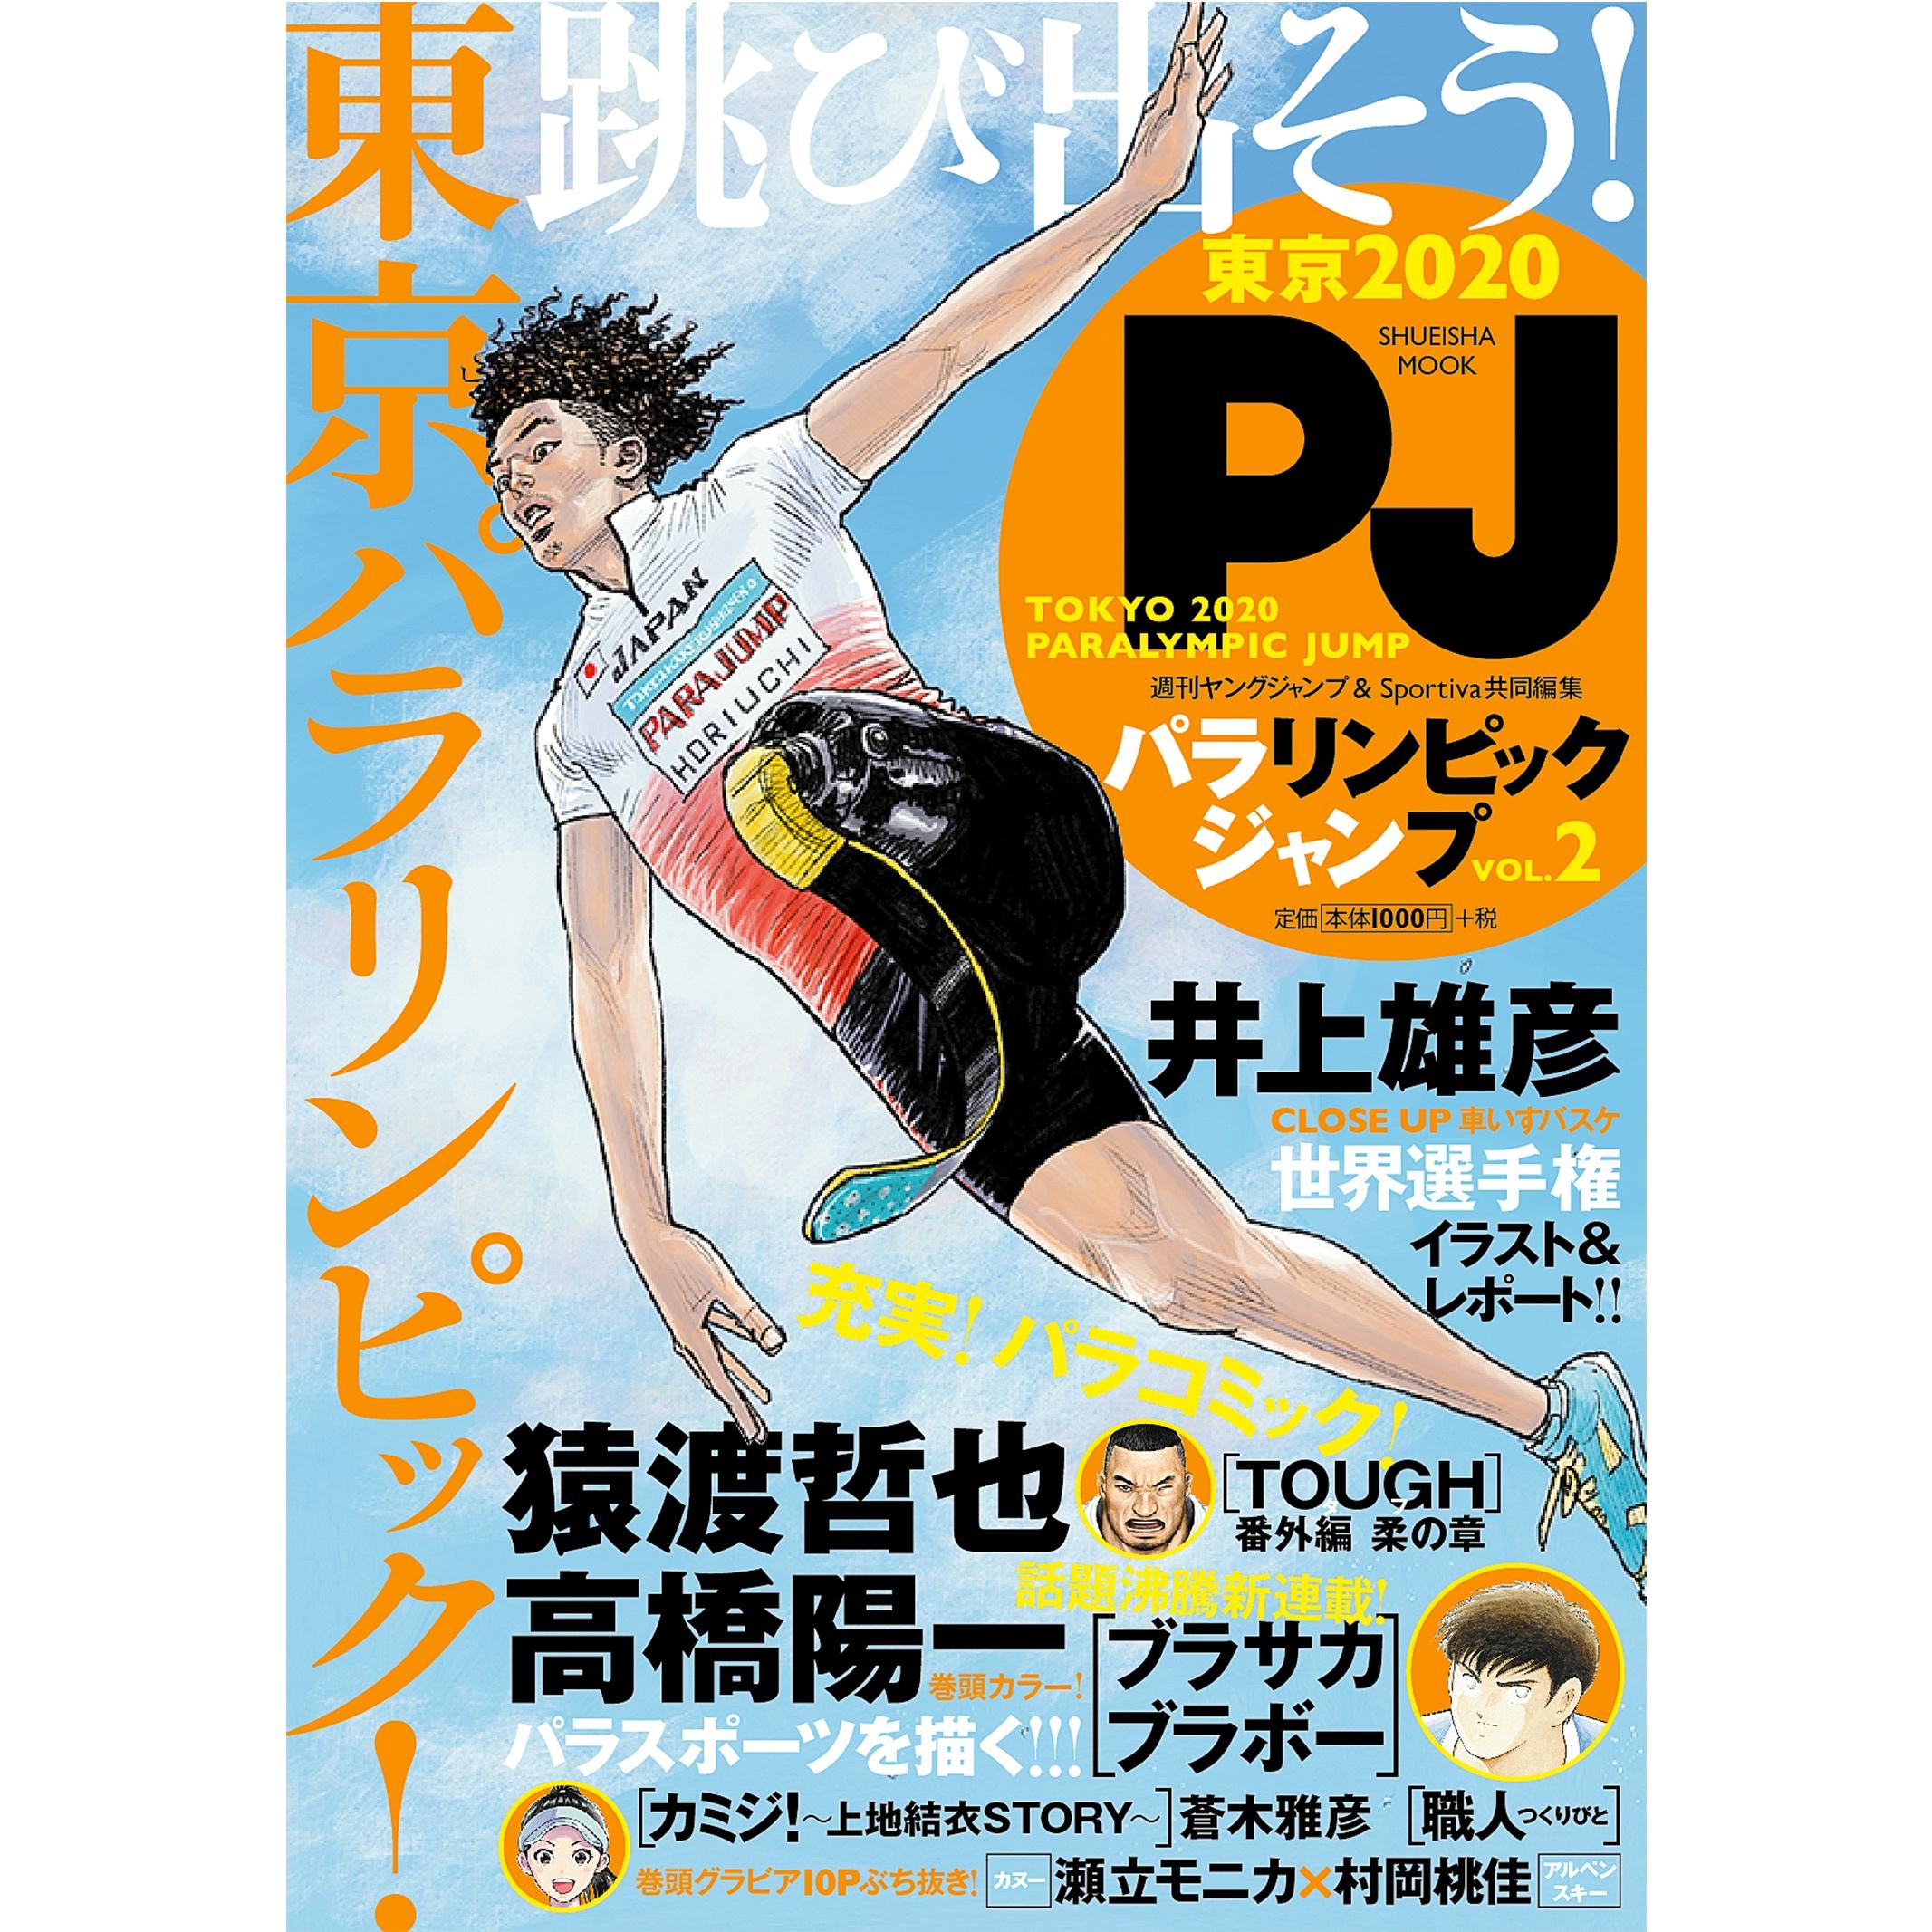 パラリンピックジャンプVOL.2が発売。